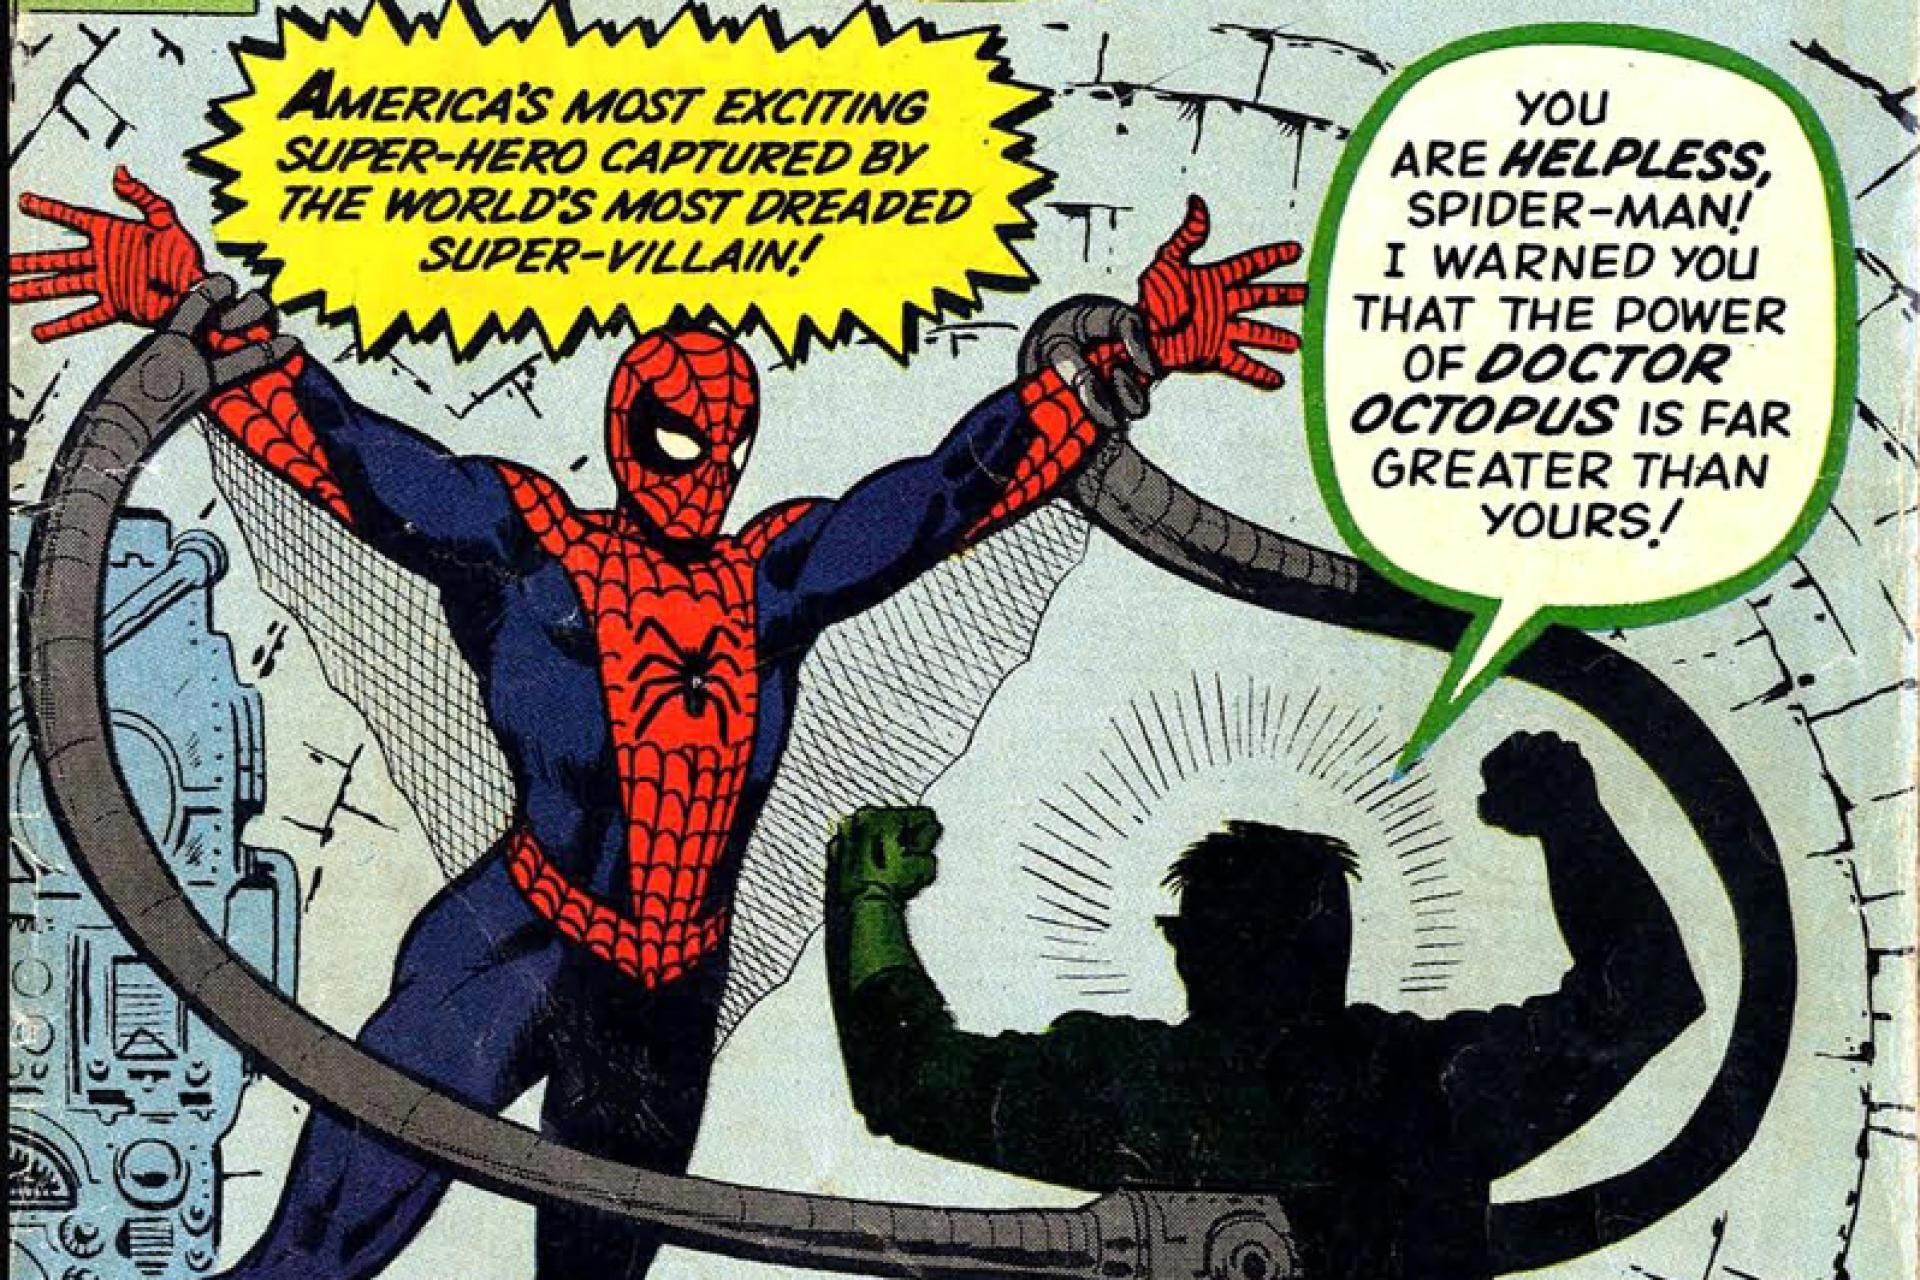 Un aperçu de Spider-Man, premier super-héros adolescent de premier plan.